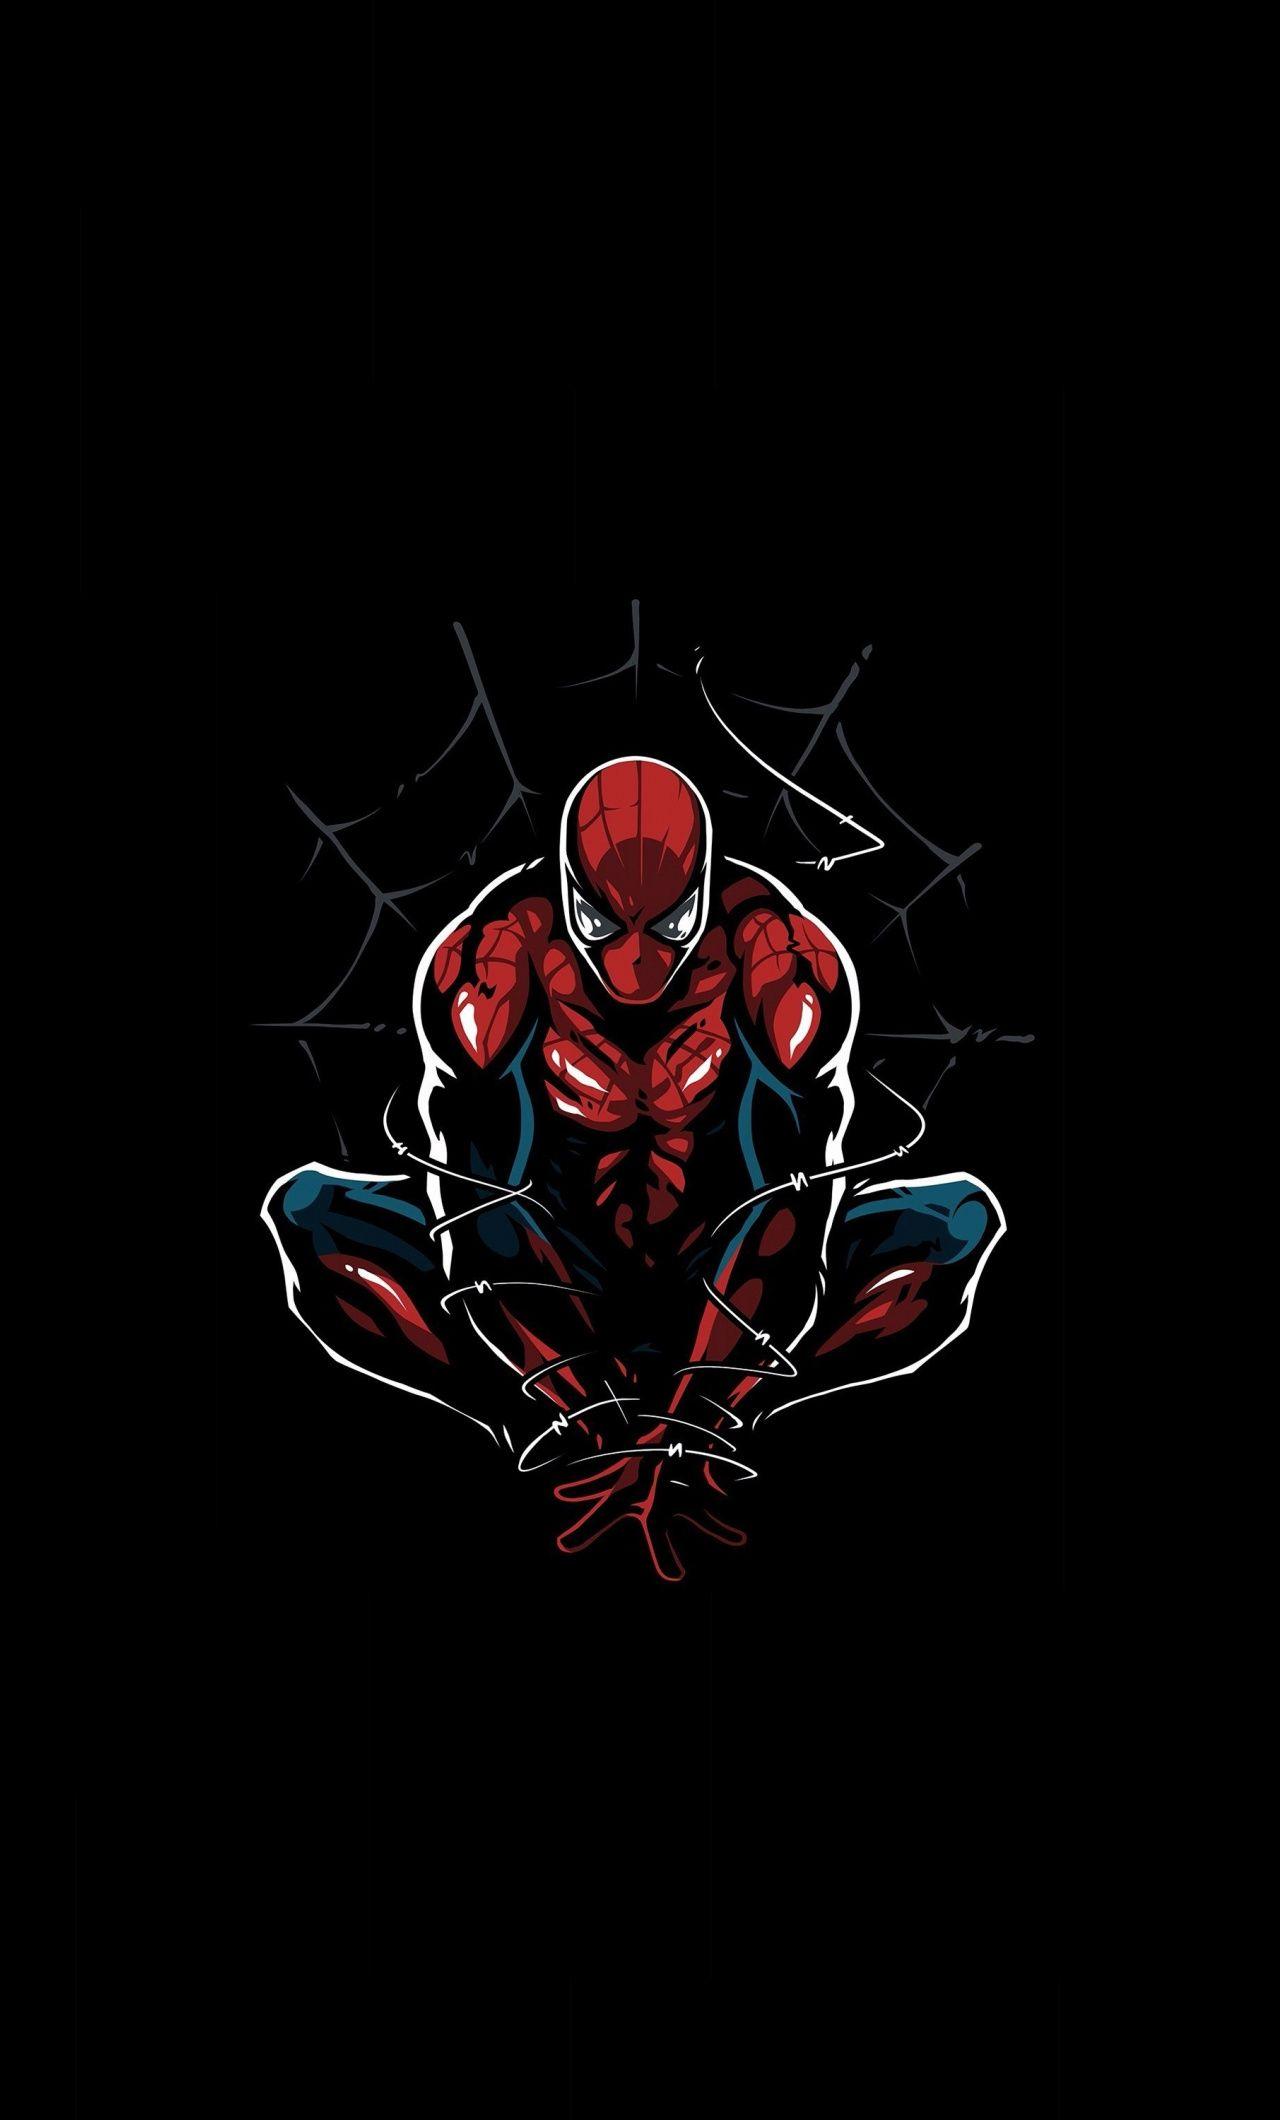 Dark Spider Man Minimal Artwork 1280x2120 Wallpaper Spiderman Artwork Superhero Wallpaper Marvel Wallpaper